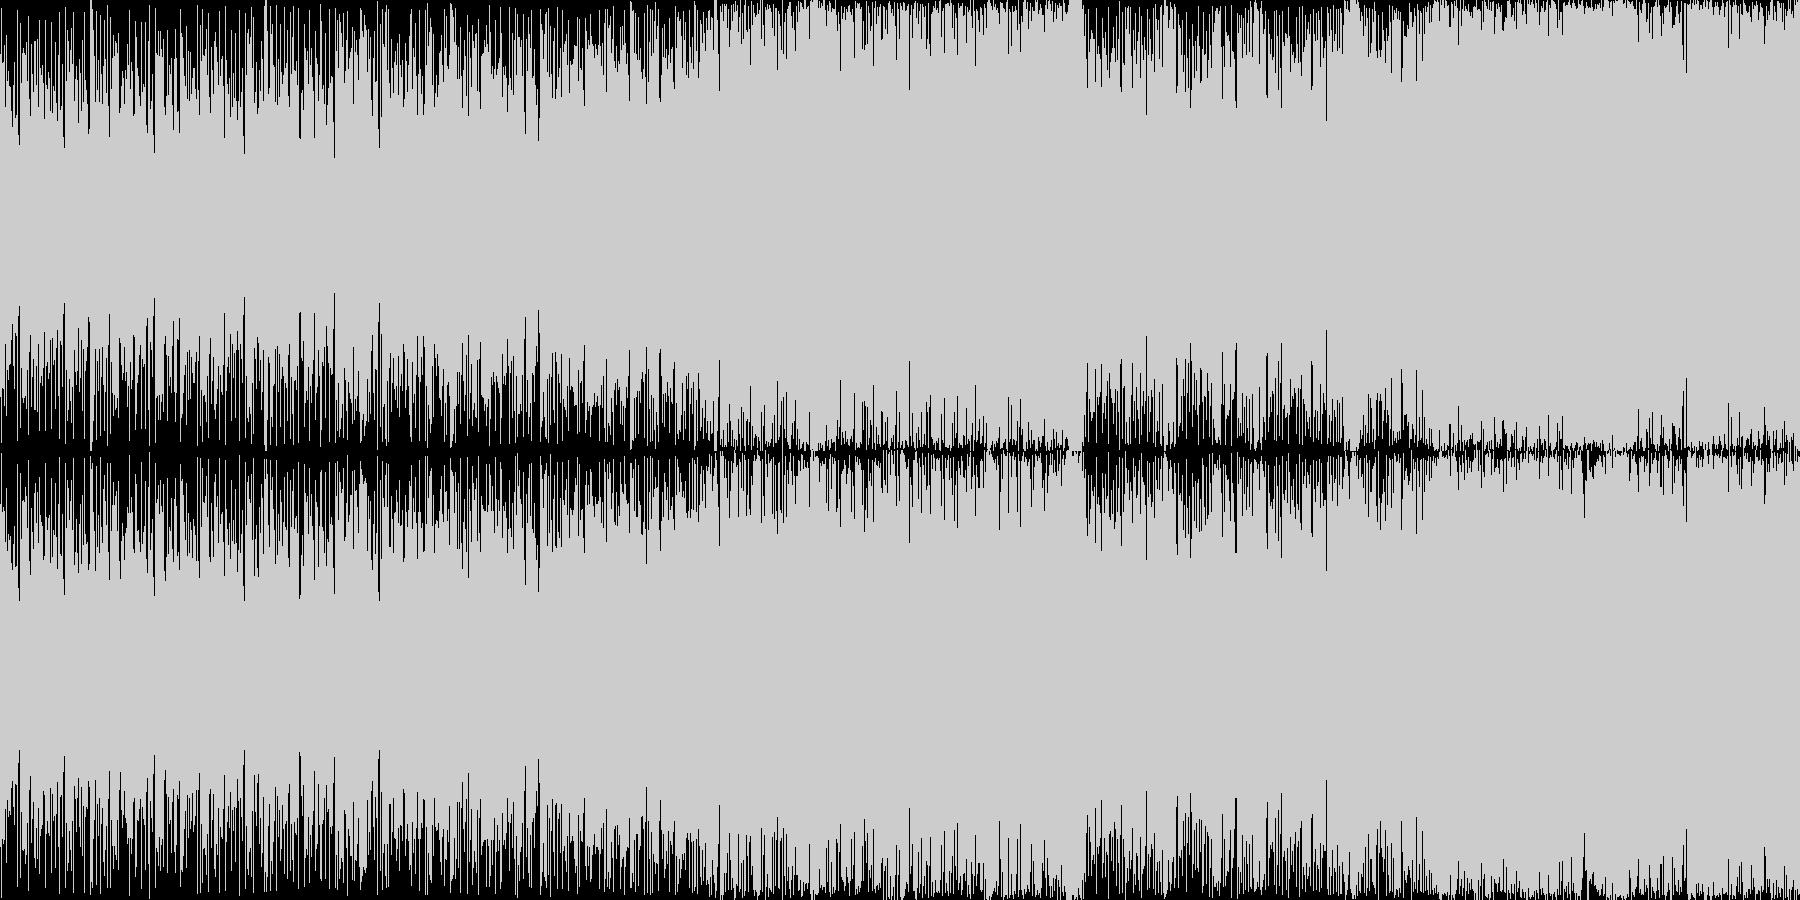 8bit音源 空を駆ける飛行艇 LOOPの未再生の波形